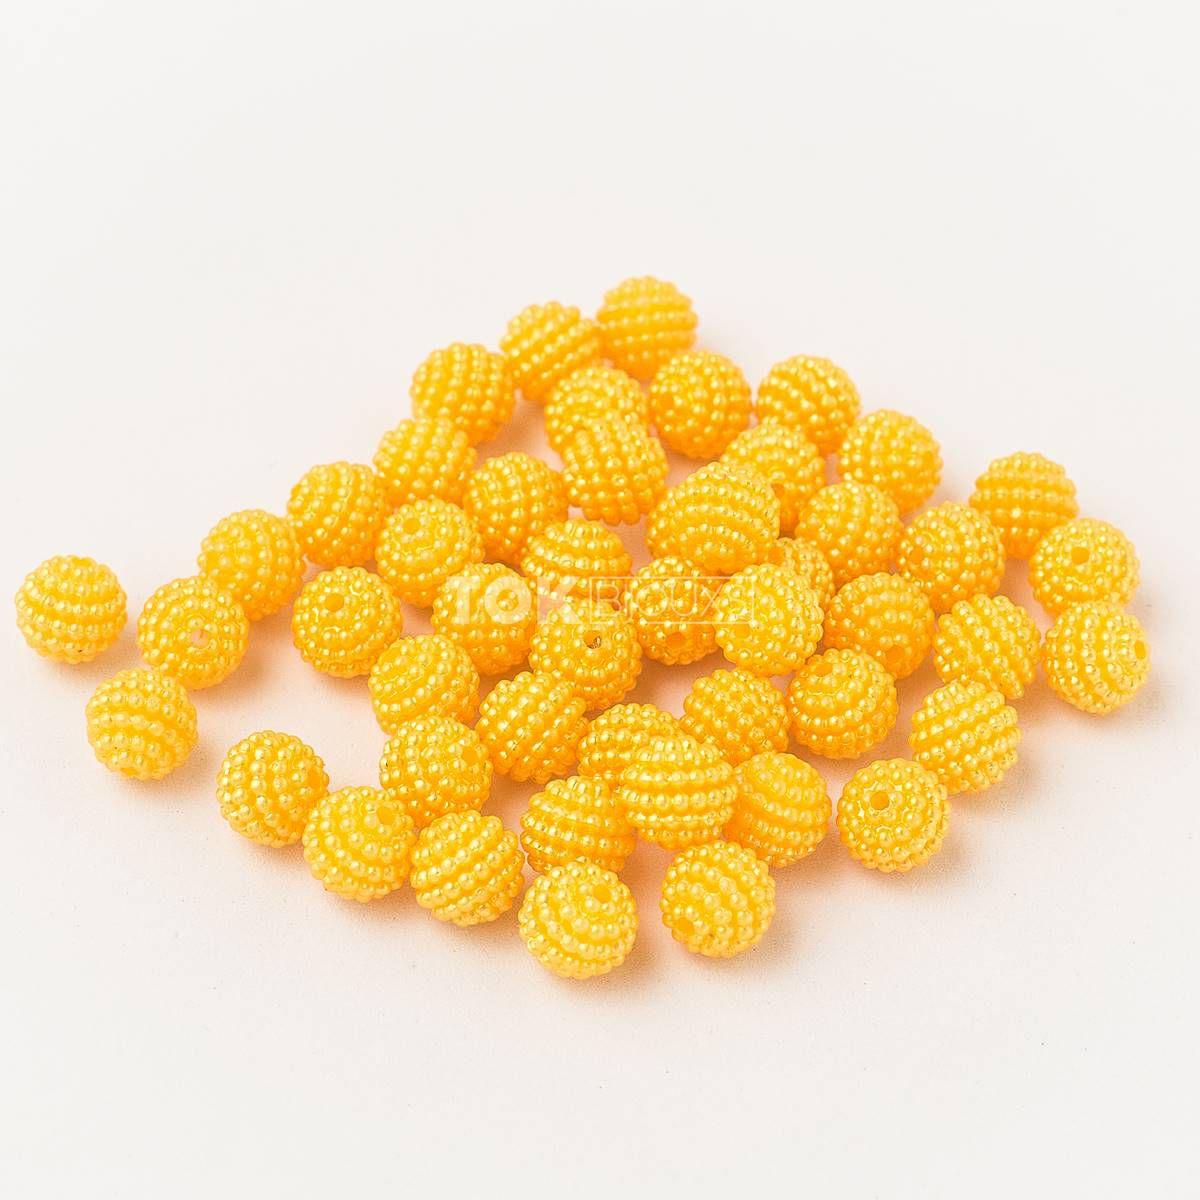 Atacado - Pérola Amora Craquelada Abs 10mm - Amarelo - 500g